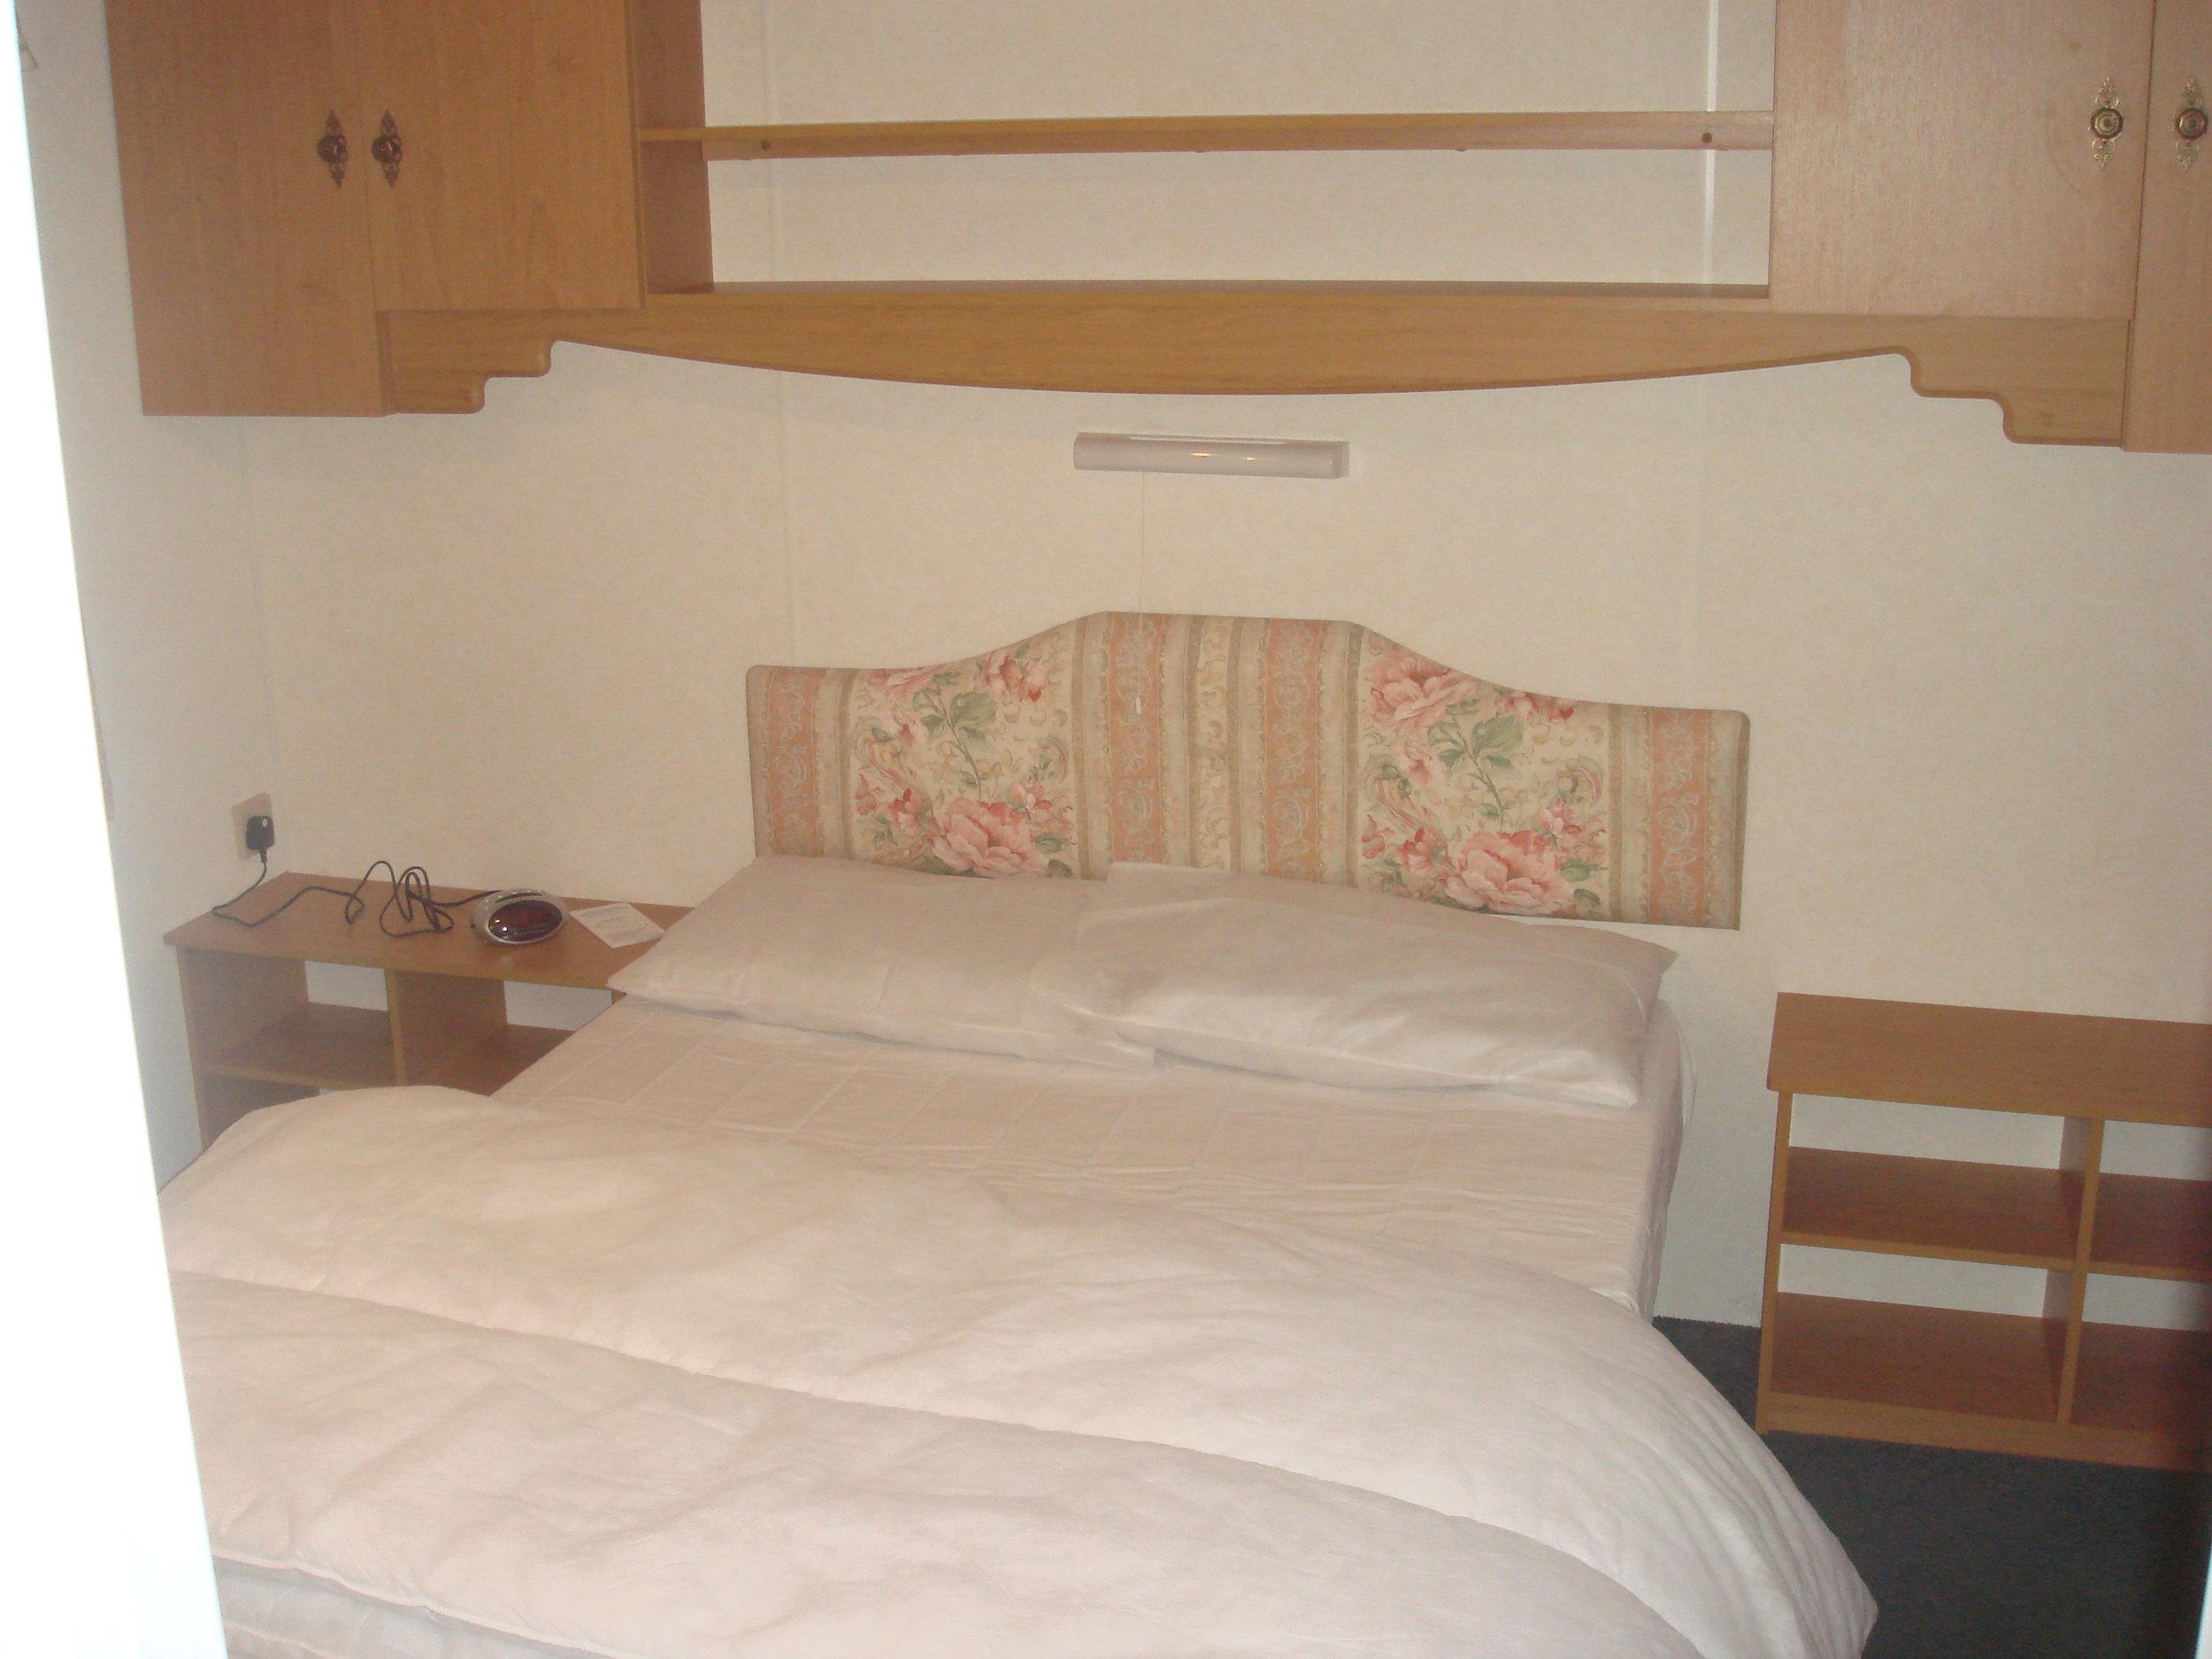 Double bedroom - Caravan 2 Lorton Vale Caravans lortonvalecaravans.co.uk